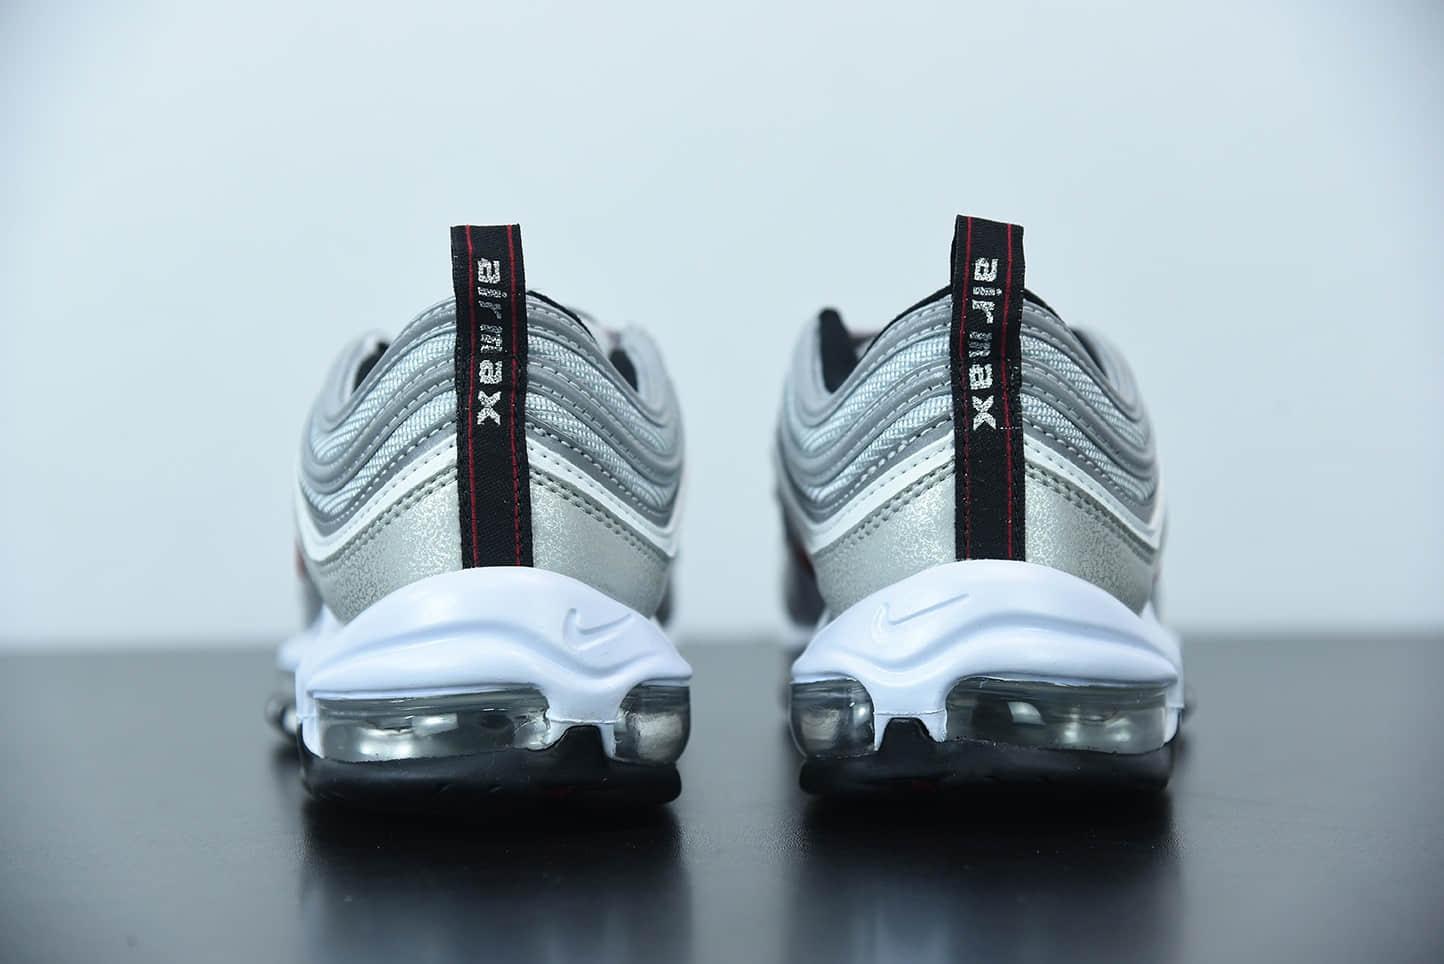 """耐克 Nike Air Max 97 Premium OG QS""""Silver Bullet"""" 2019版""""银子弹反光百搭复古气垫休闲运动慢跑鞋纯原版本 货号:884421-001"""